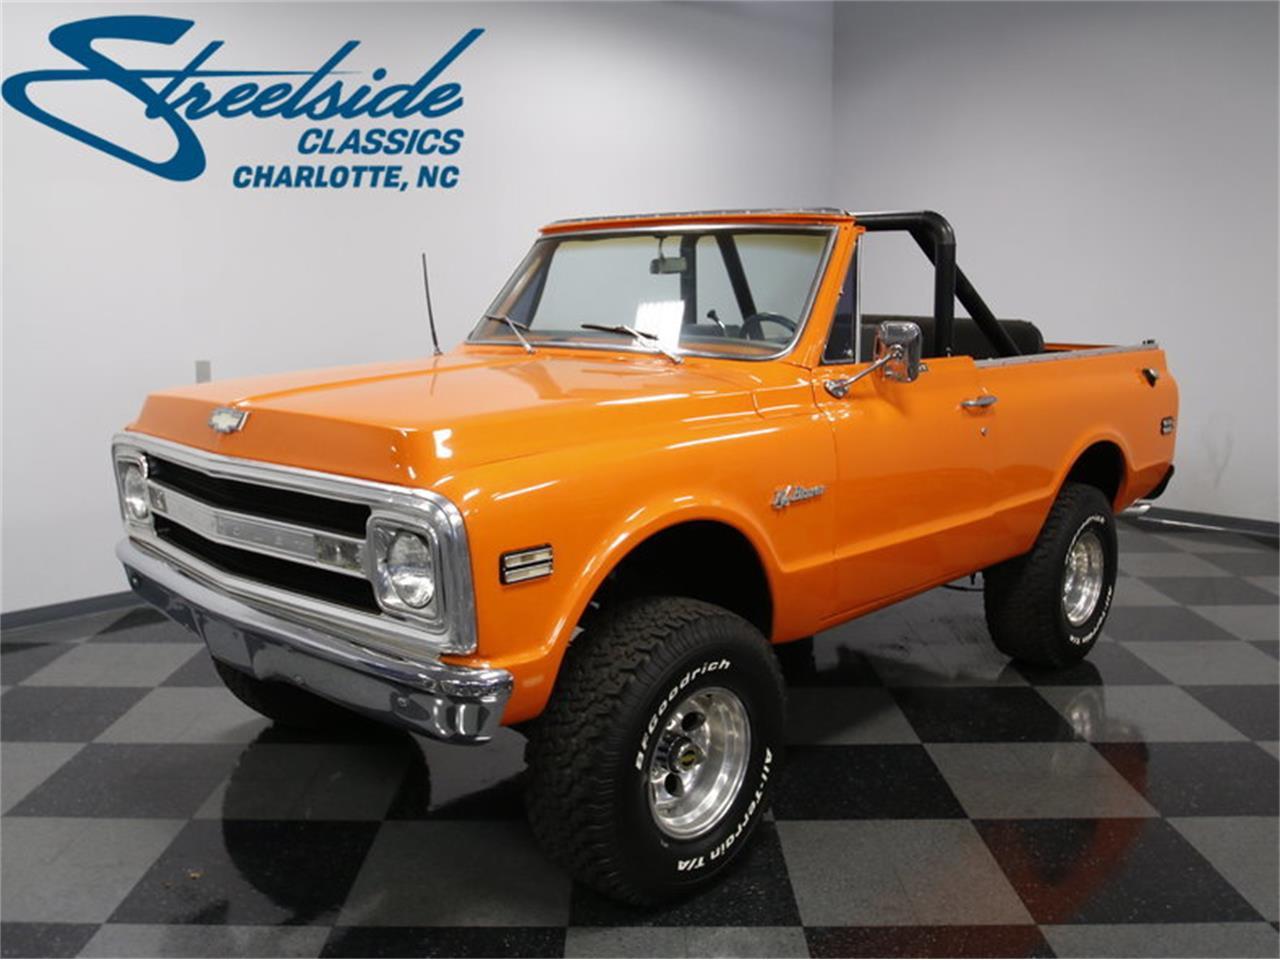 1969 Chevrolet Blazer K5 4x4 For Sale Classiccars Com Cc 1024976